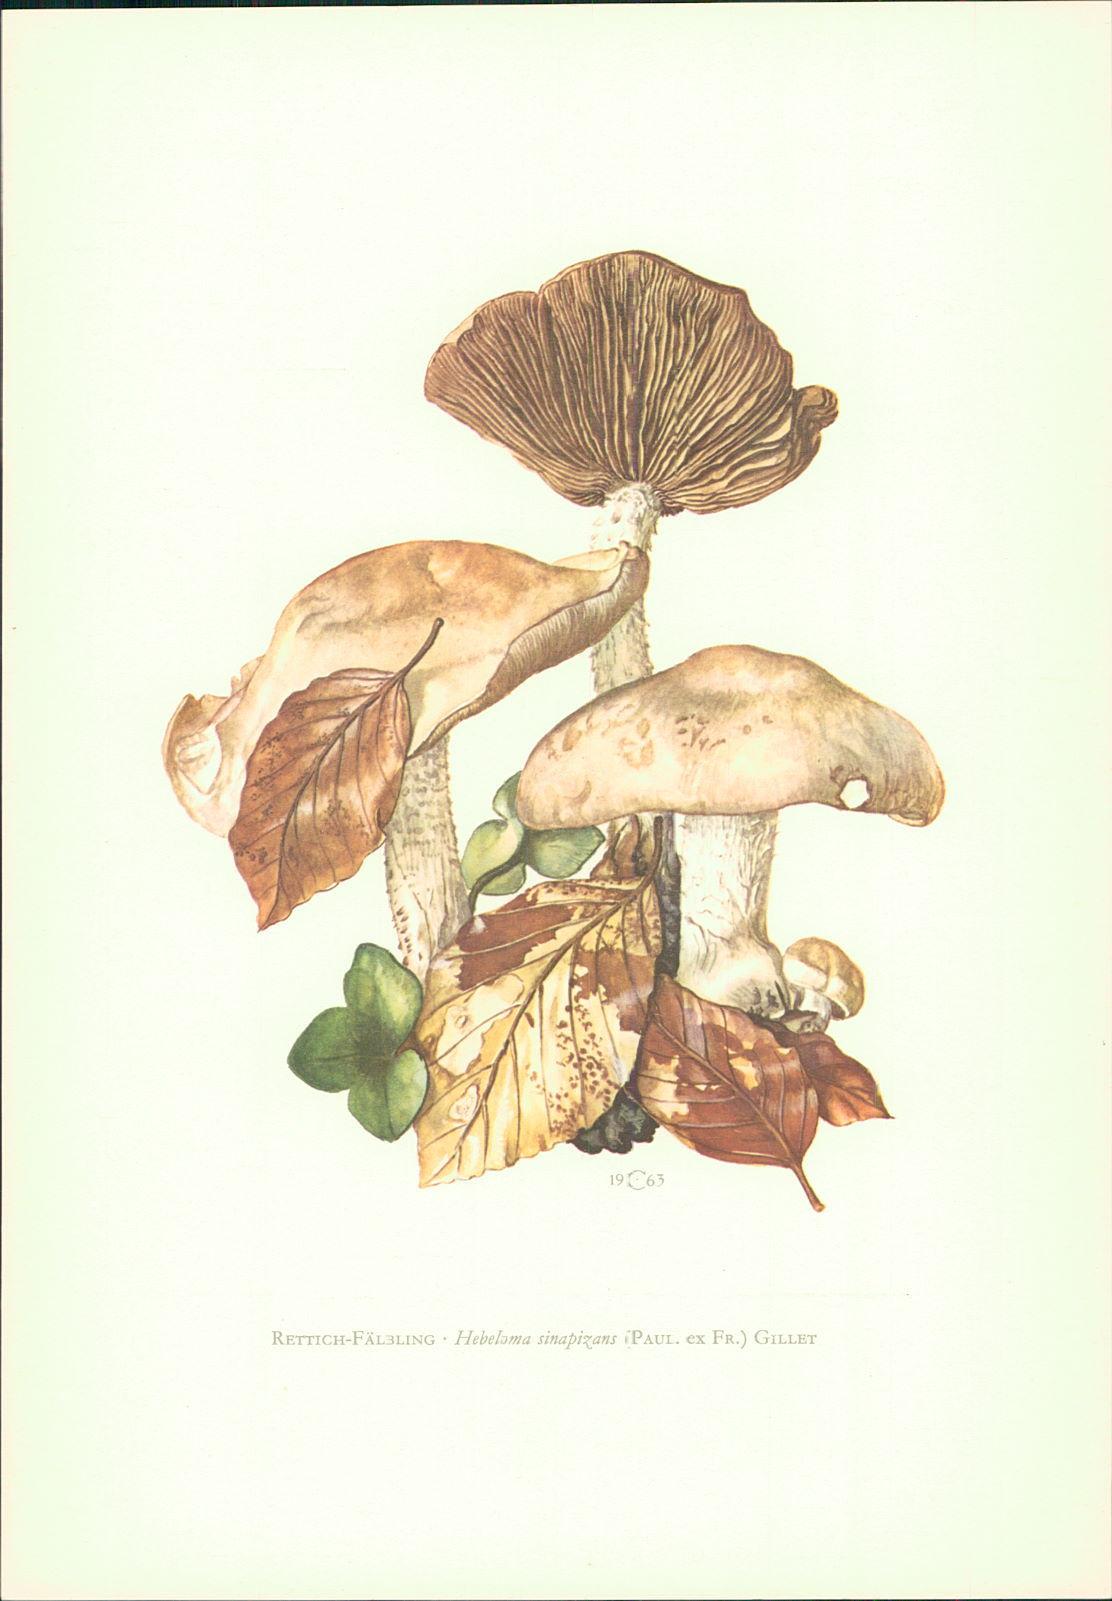 Caspari, C.: Pilze - Claus Caspari : Rettich-Fälbling • Hebeloma sinapizans (Paul. ex Fr.) Gillet Offset-Lithographie von C. Caspari.